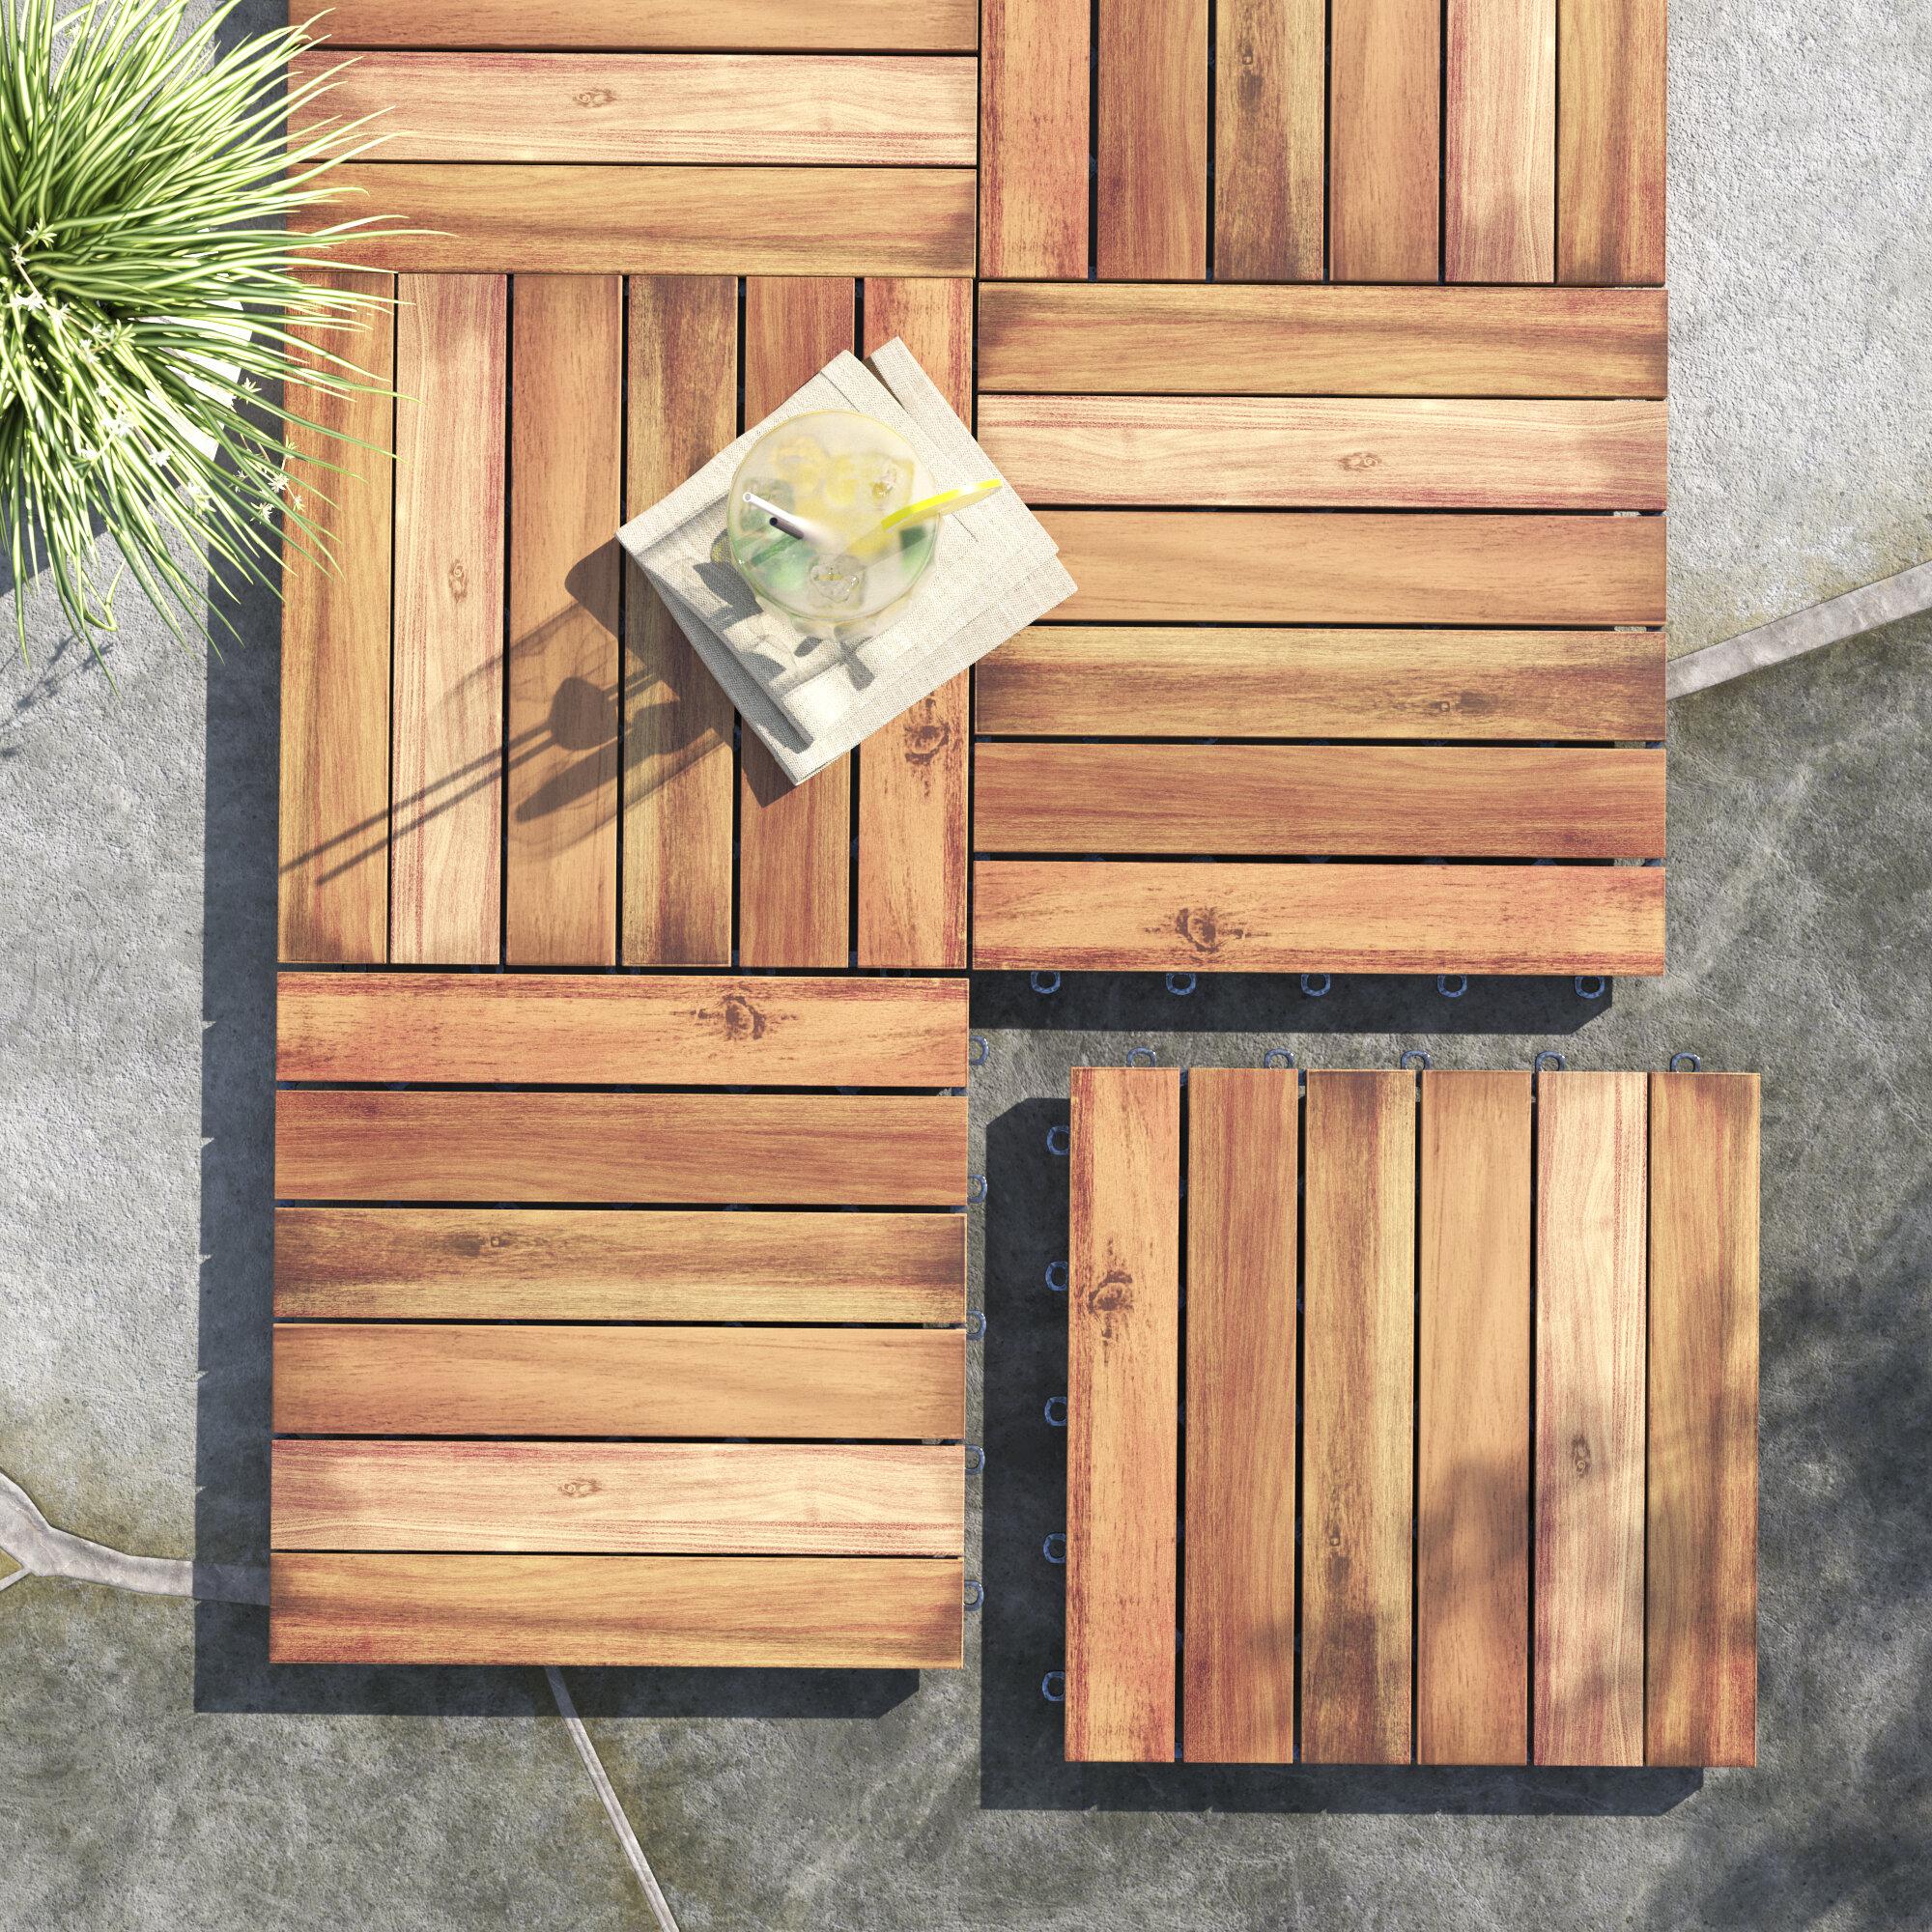 Highland Dunes Felker 11 8 X 11 8 Acacia Wood Interlocking Deck Tile In Brown Reviews Wayfair